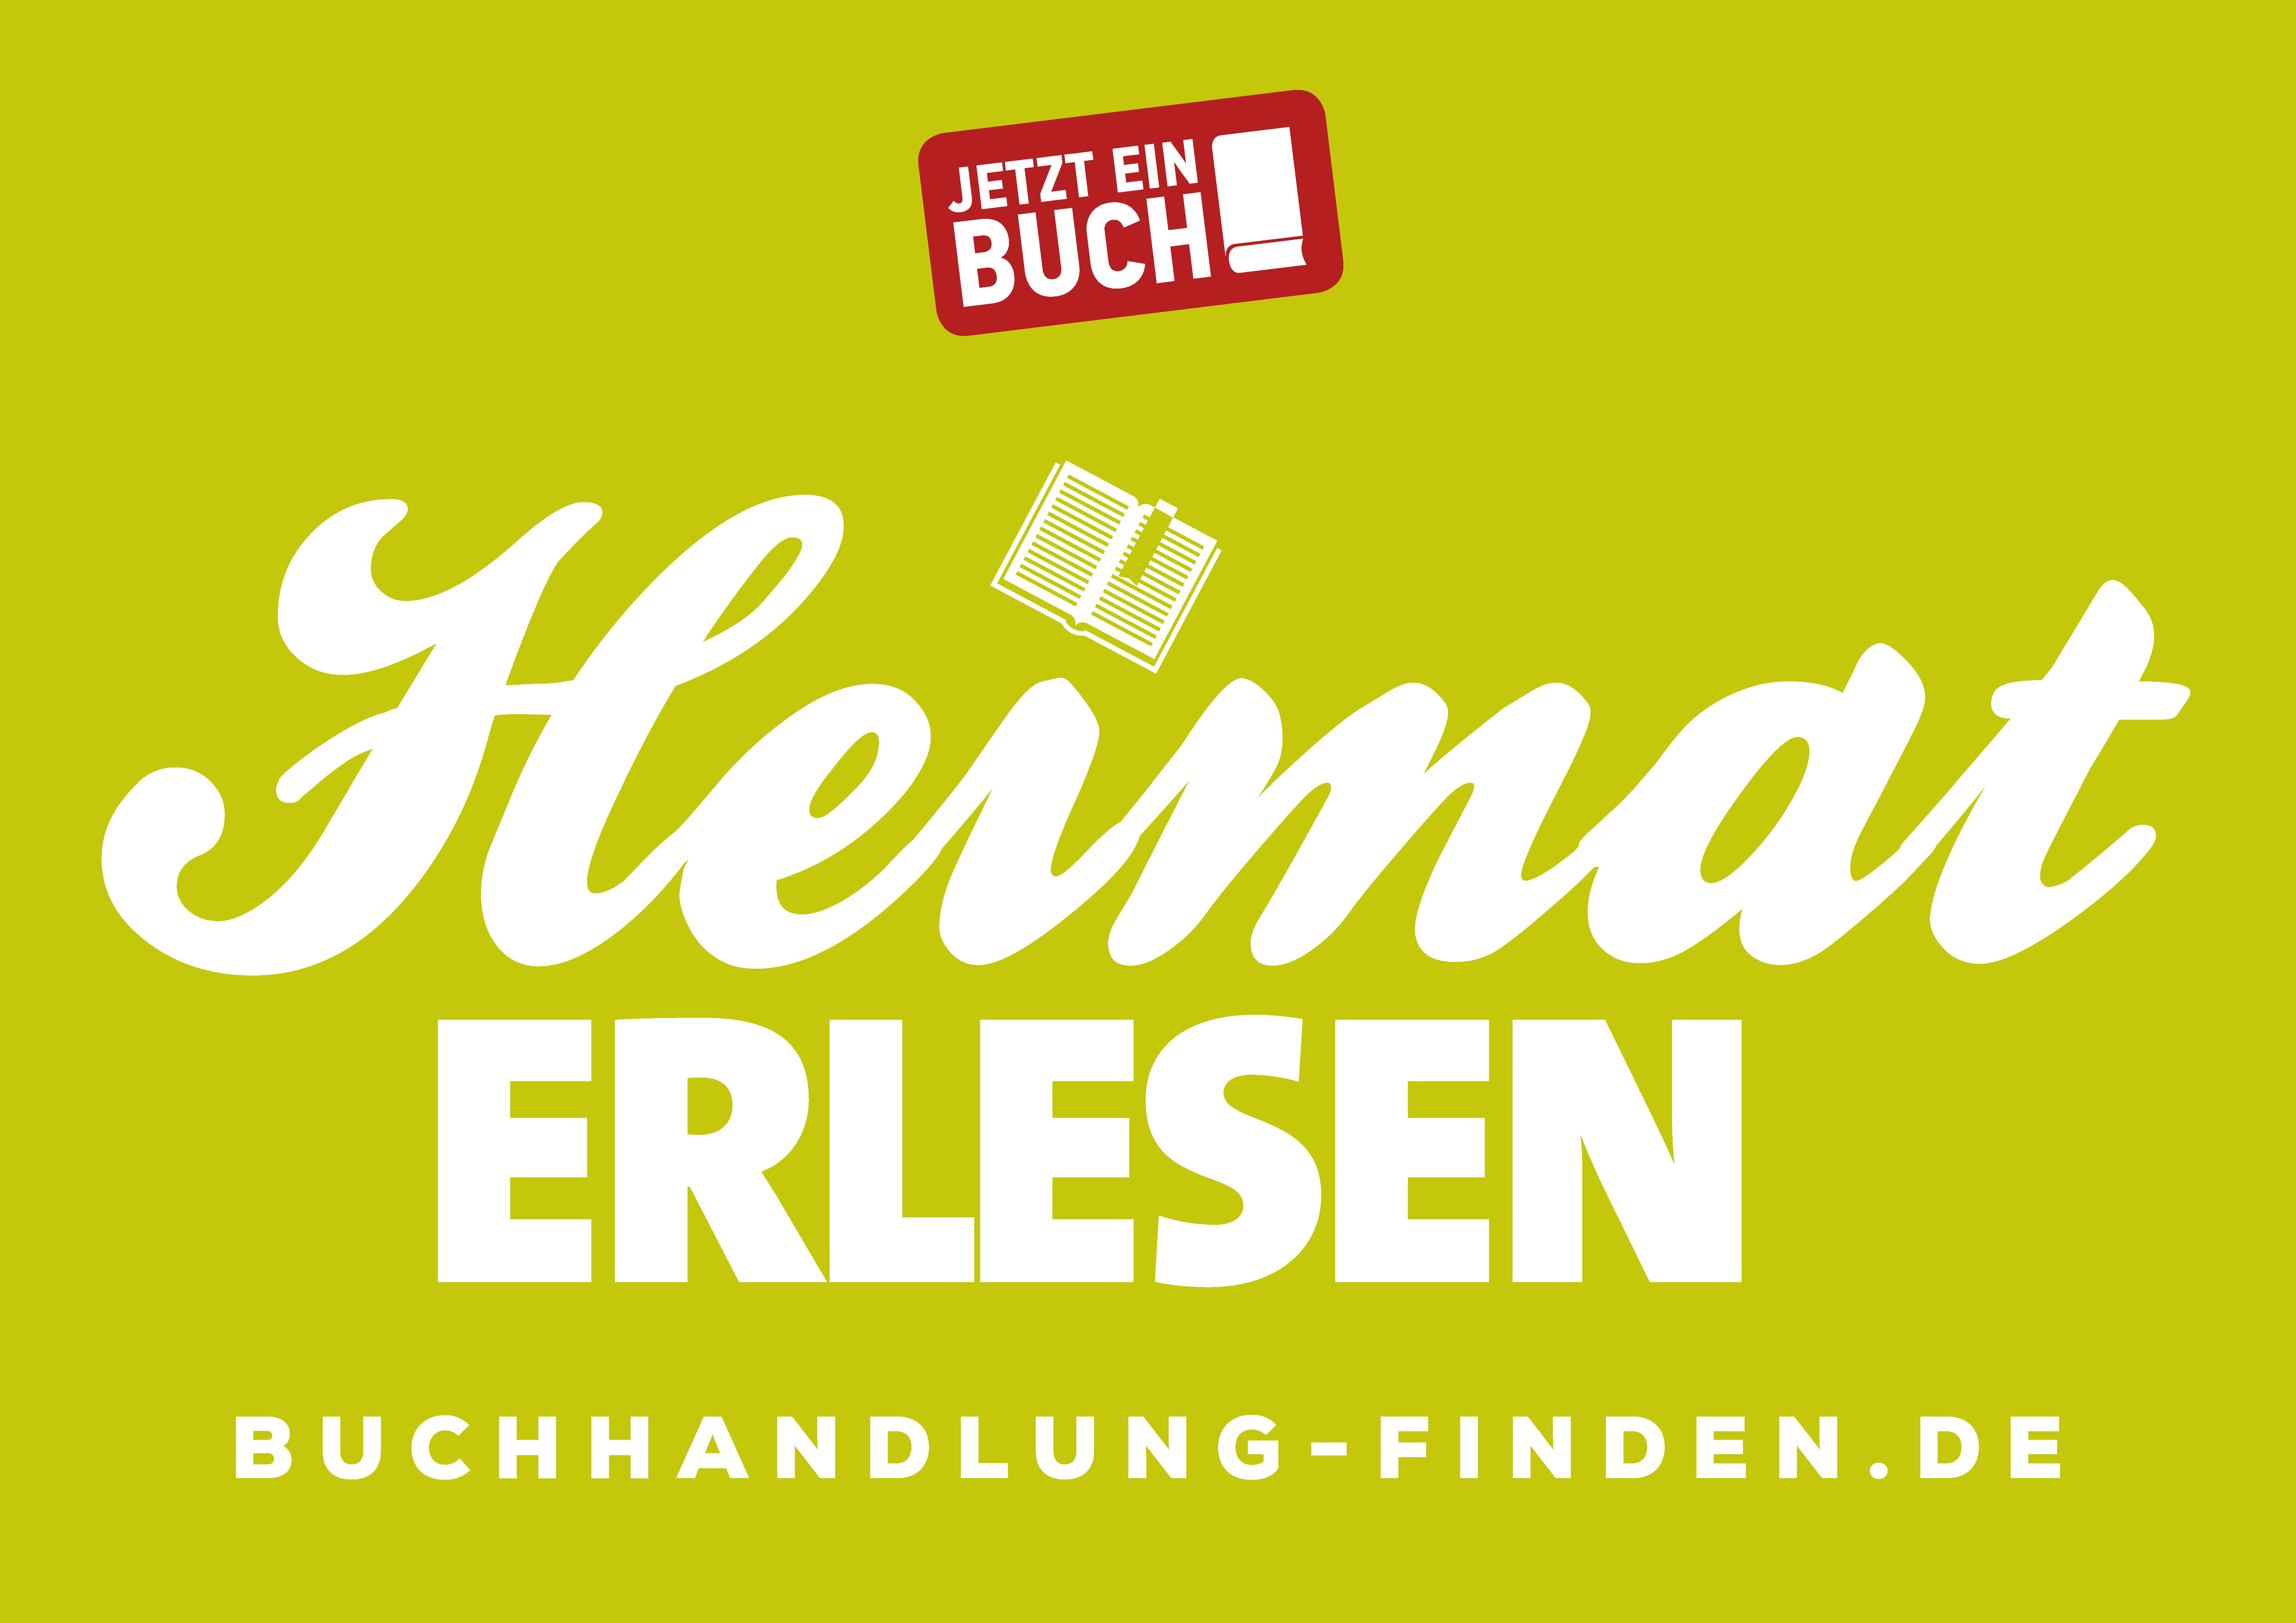 Regionalbuchtage_Heimaterlesen